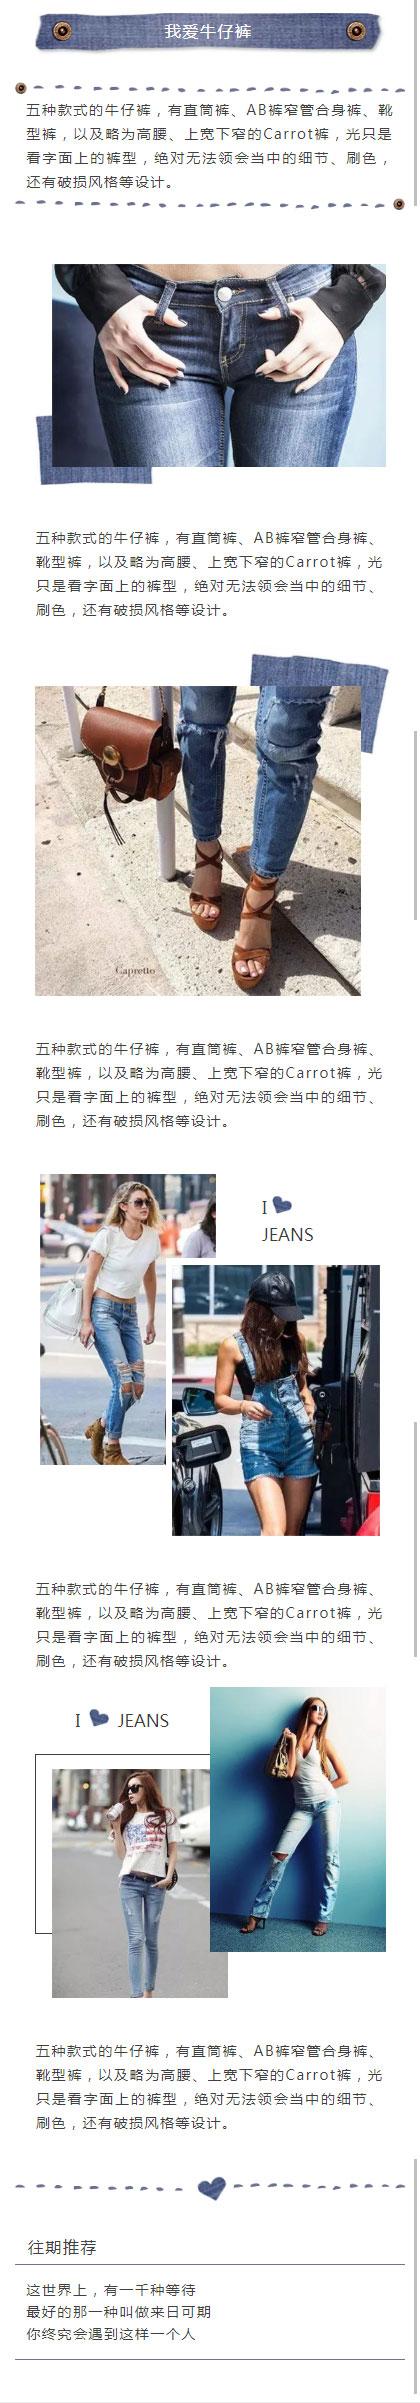 牛仔裤服饰衣服女装微信文章模板